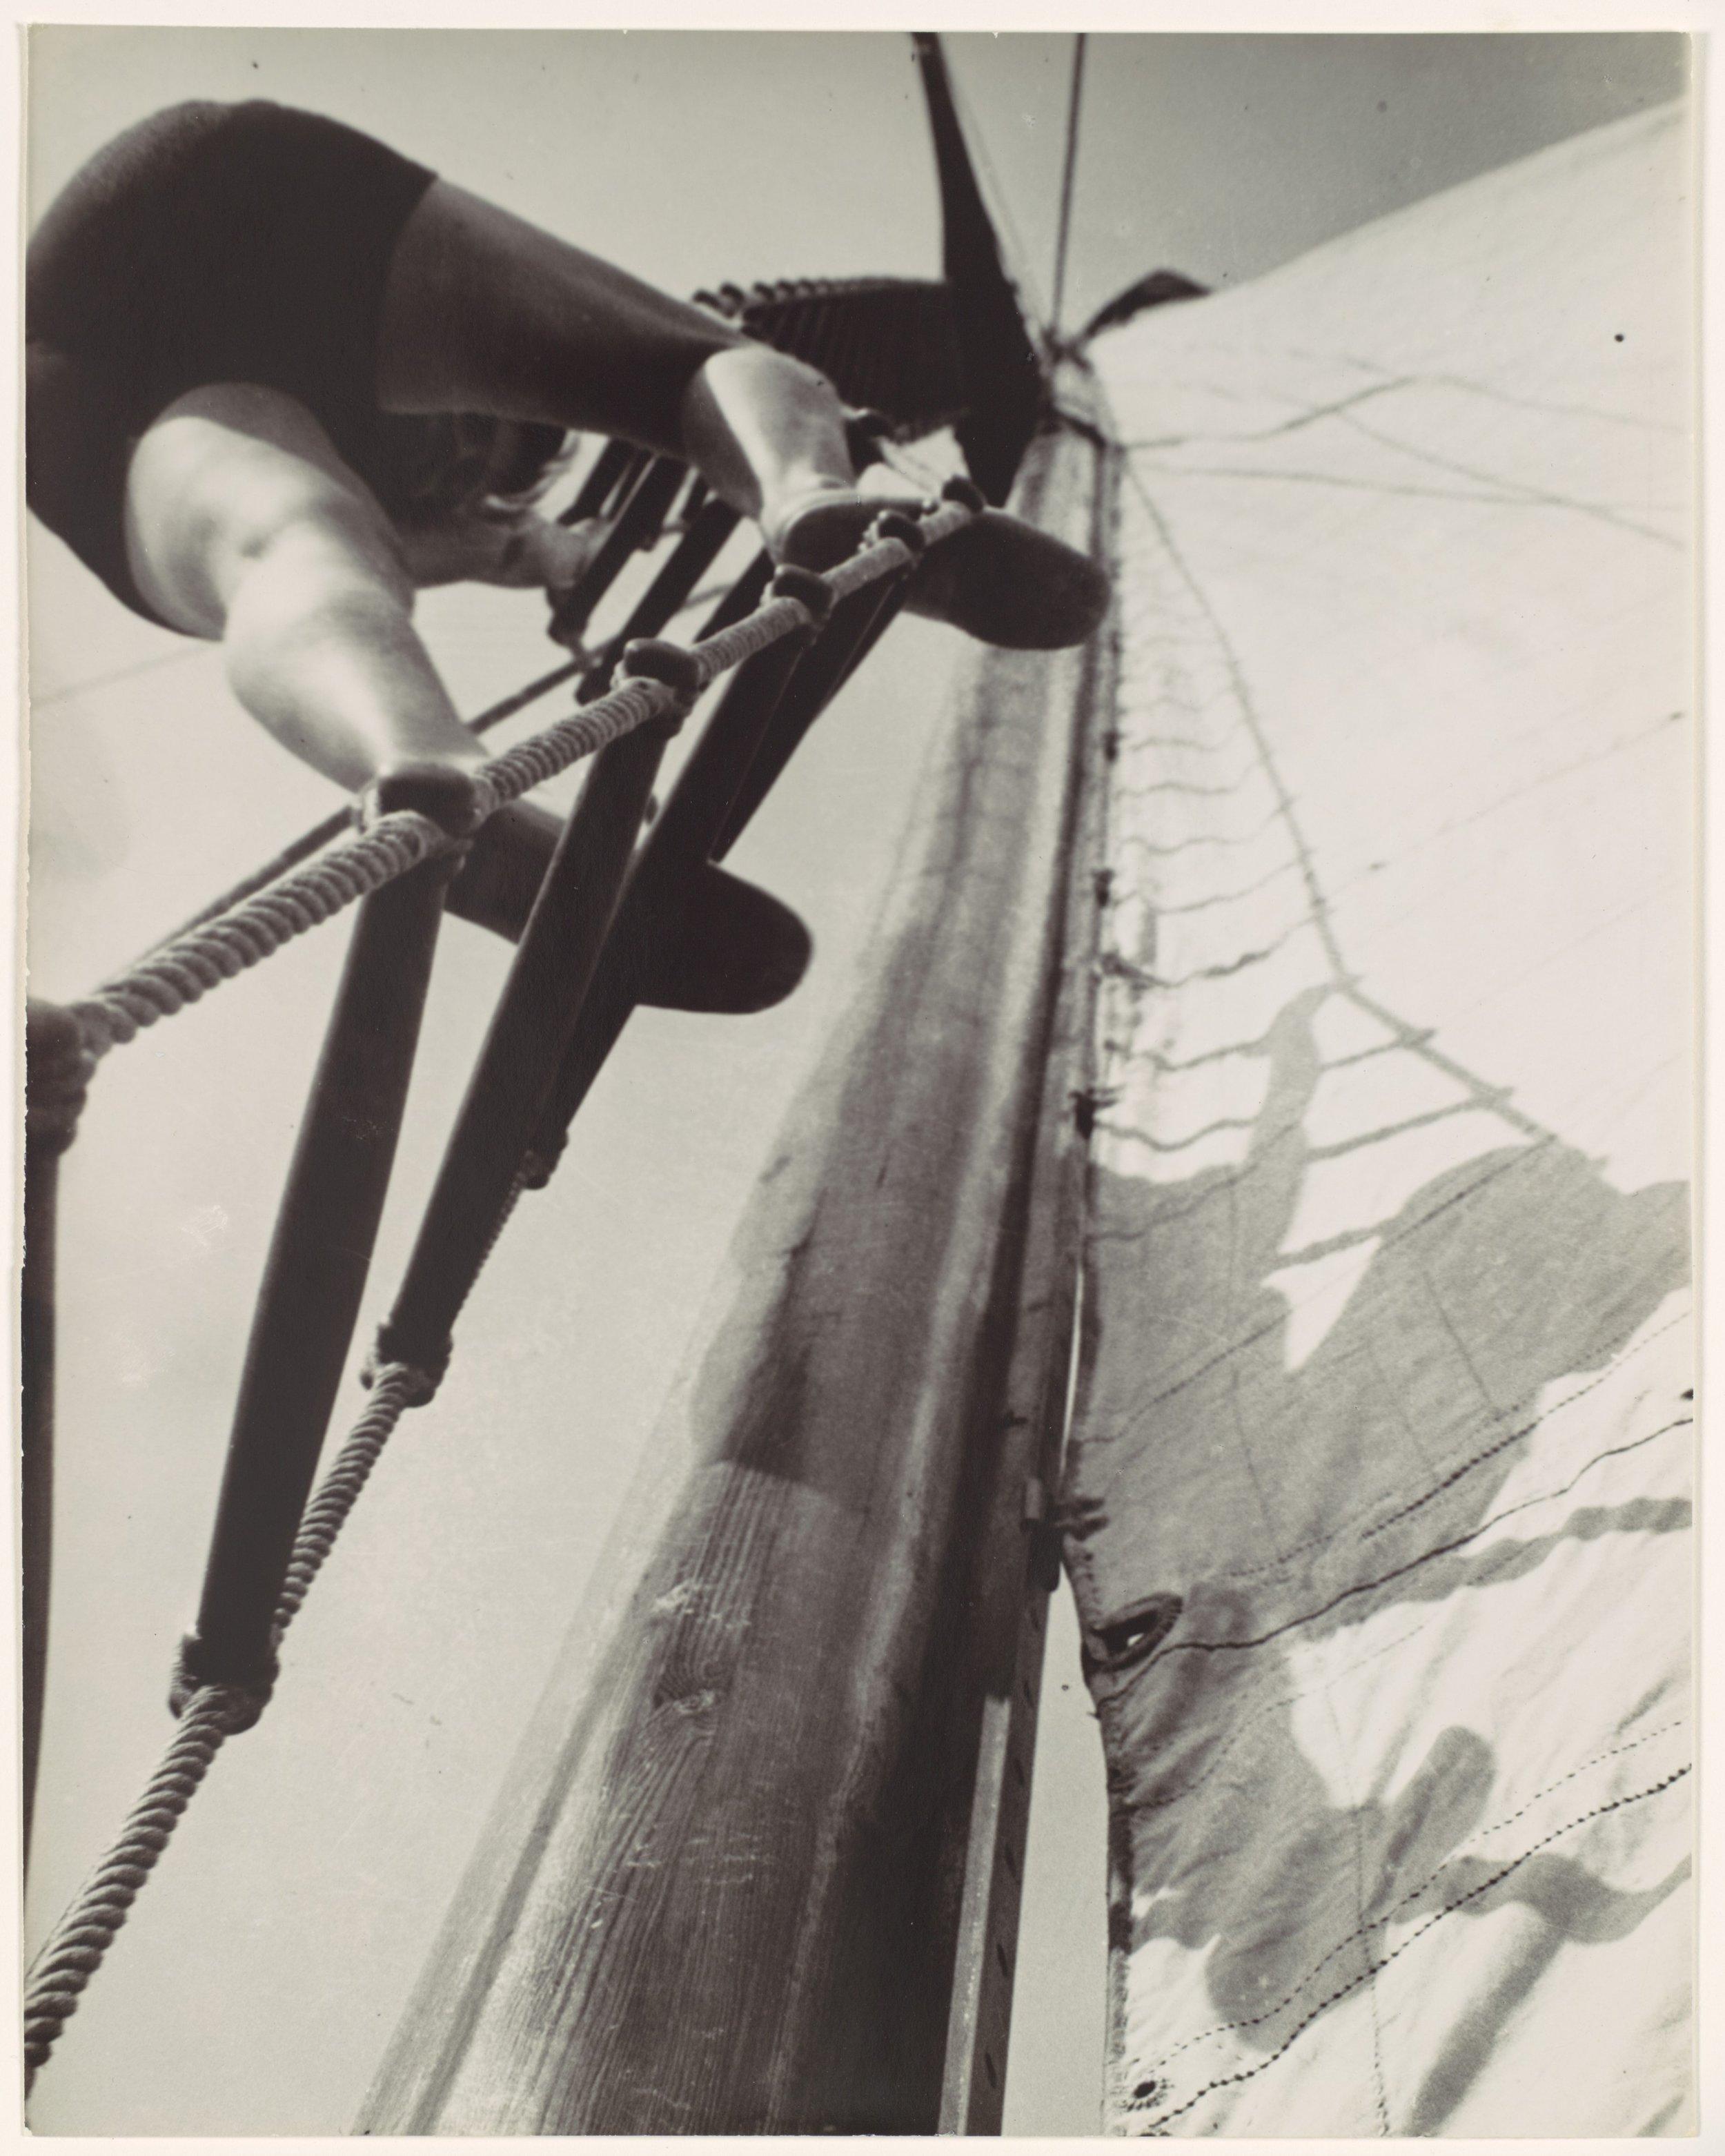 László Moholy-Nagy, (1895, Bácsborsód, Ungheria) - Secondo la sua teoria conosciuta come